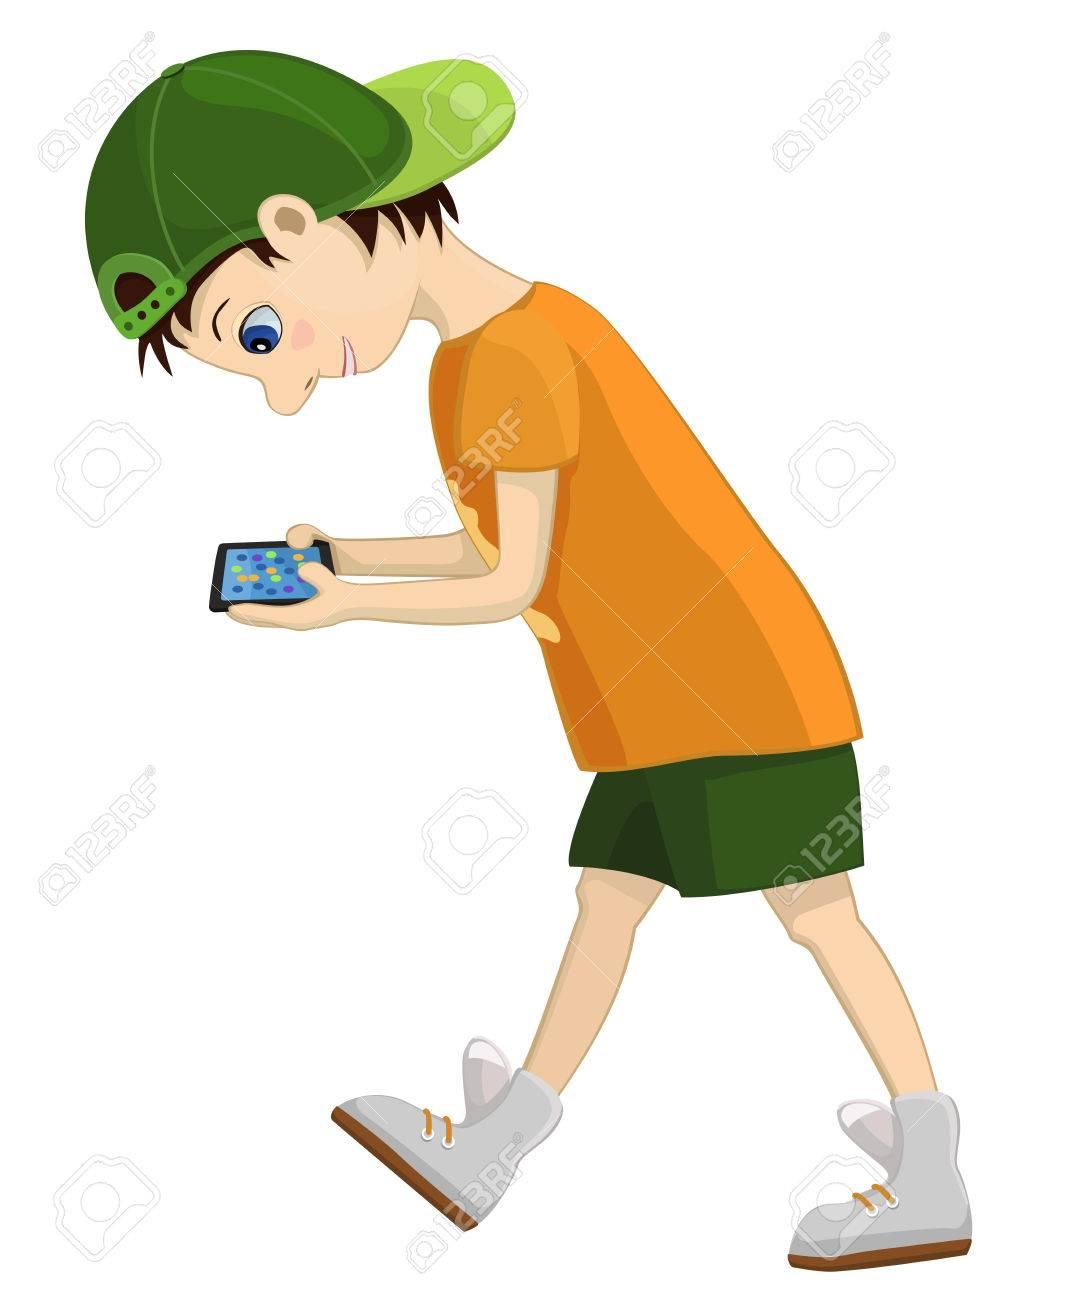 Computer-süchtig Kind Schaut Aufmerksam Auf Seine Tablette. Spiel ...